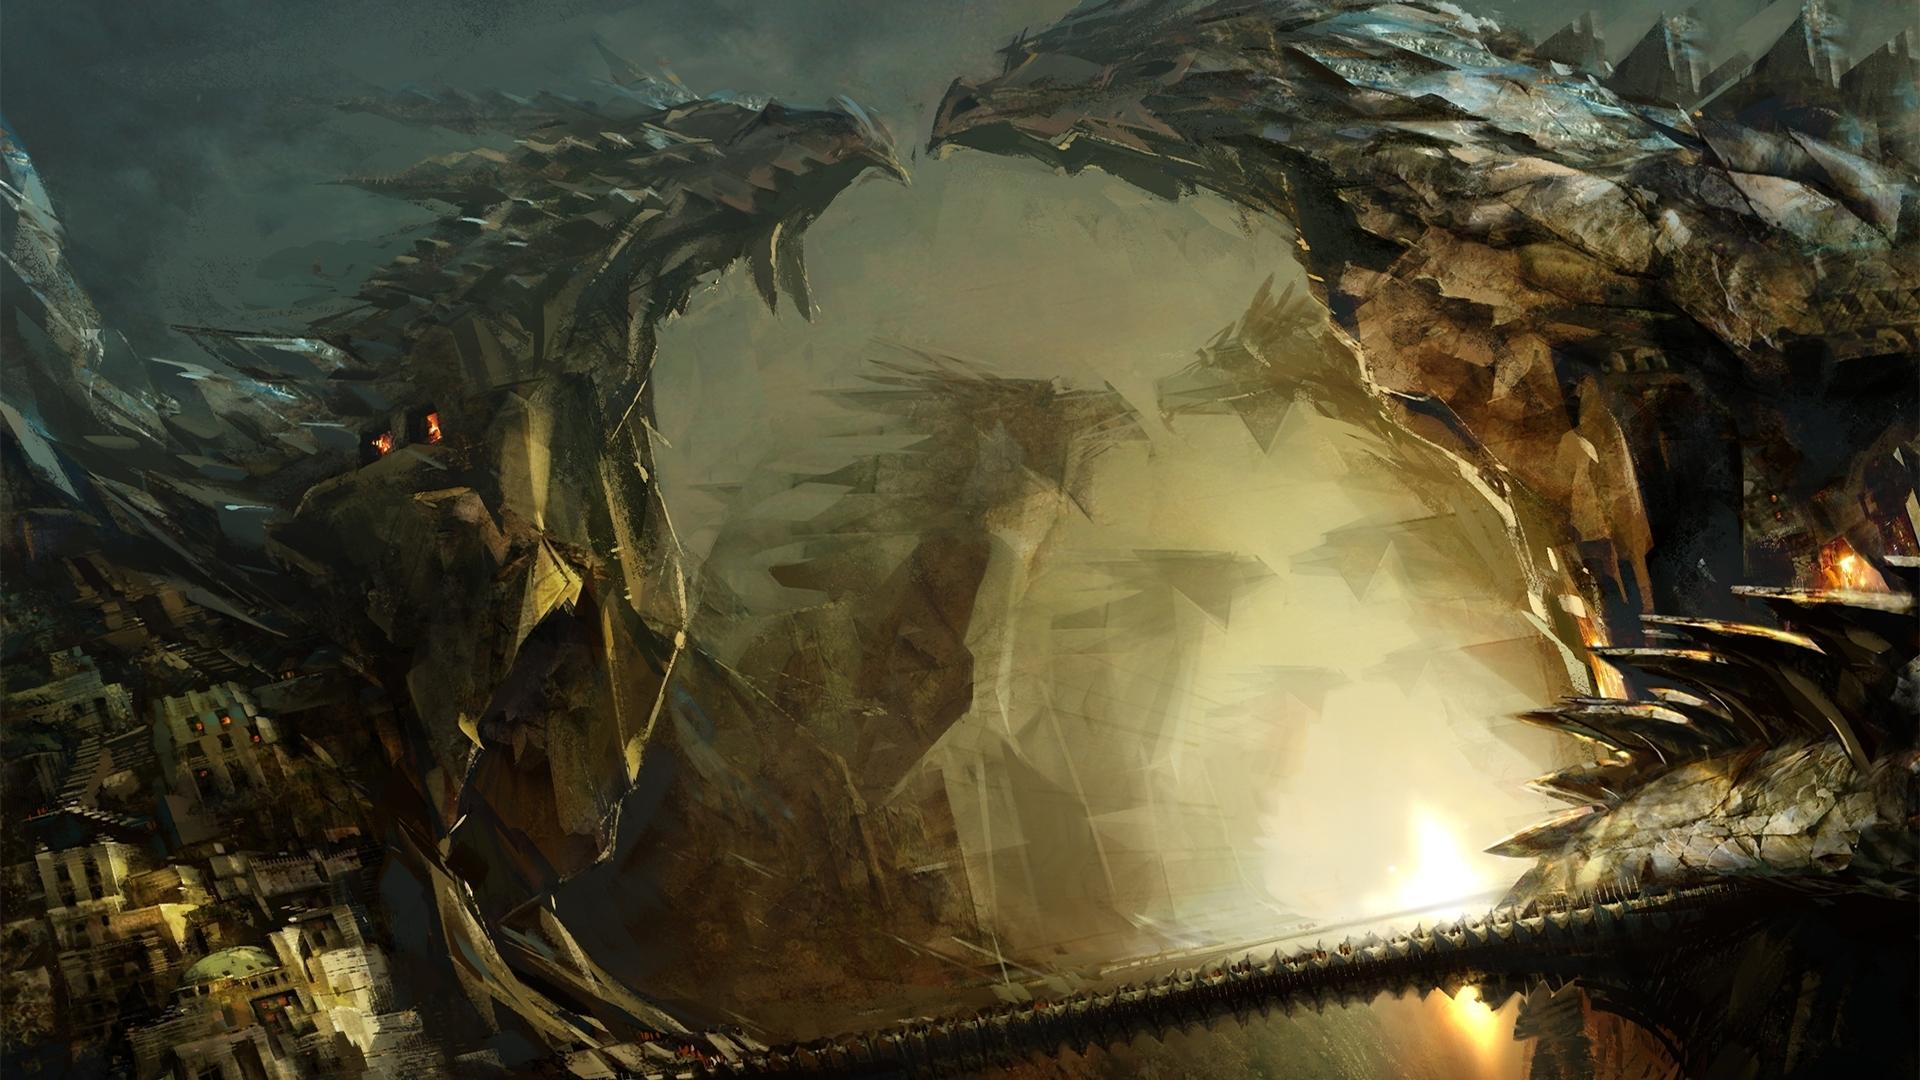 d&d wallpapers hd - wallpaper cave